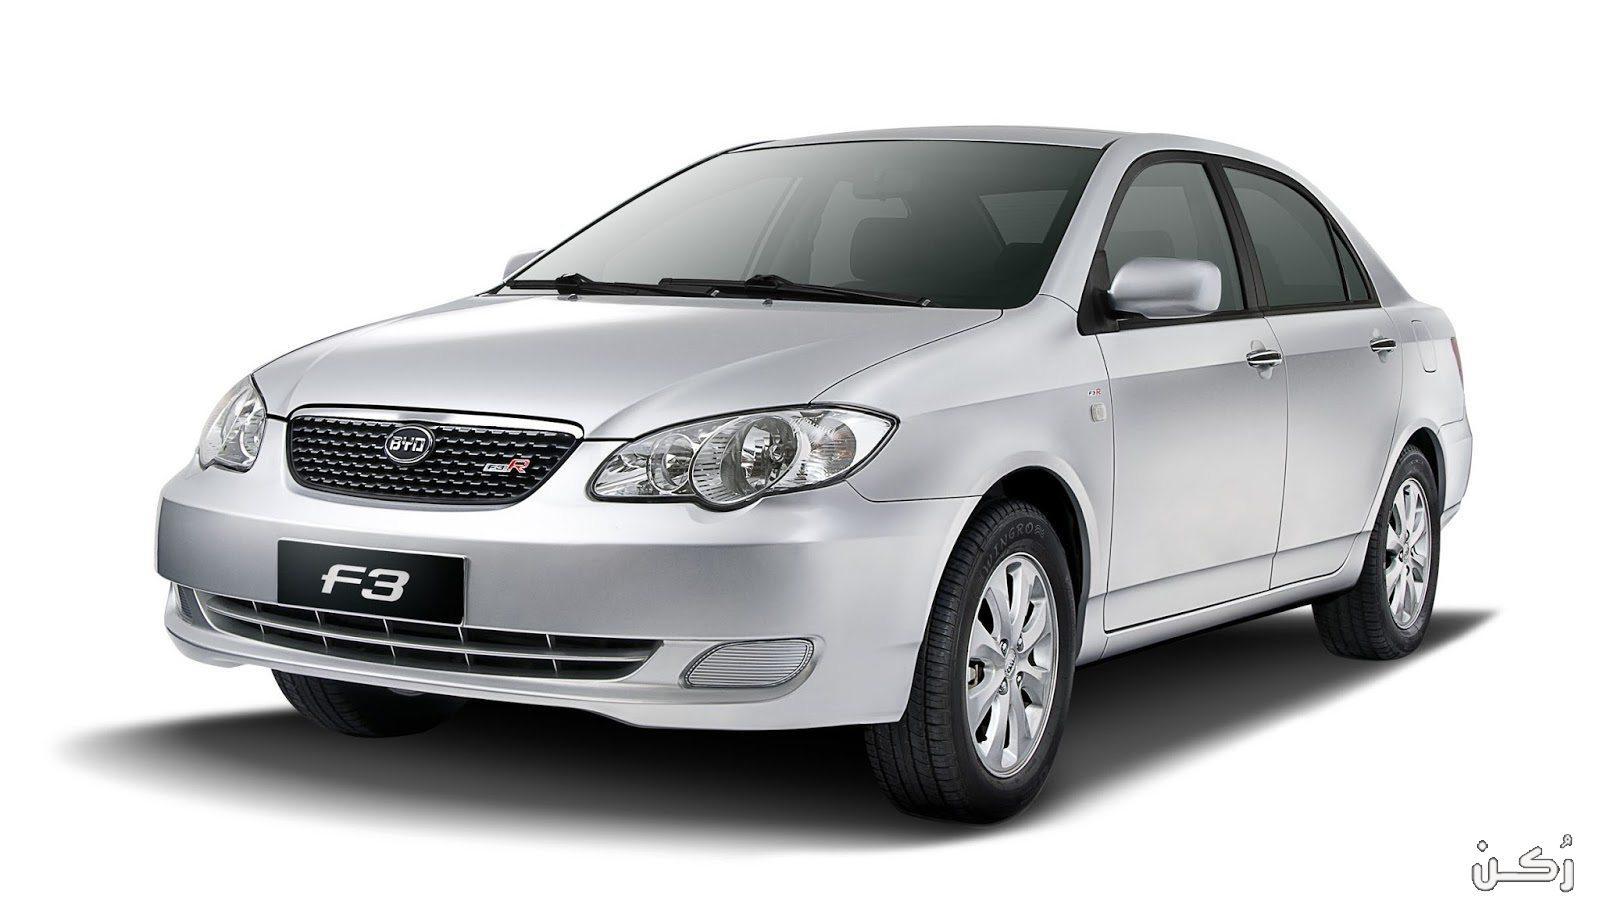 أسعار ومواصفات سيارات بي واي دي BYD 2019 الصينية